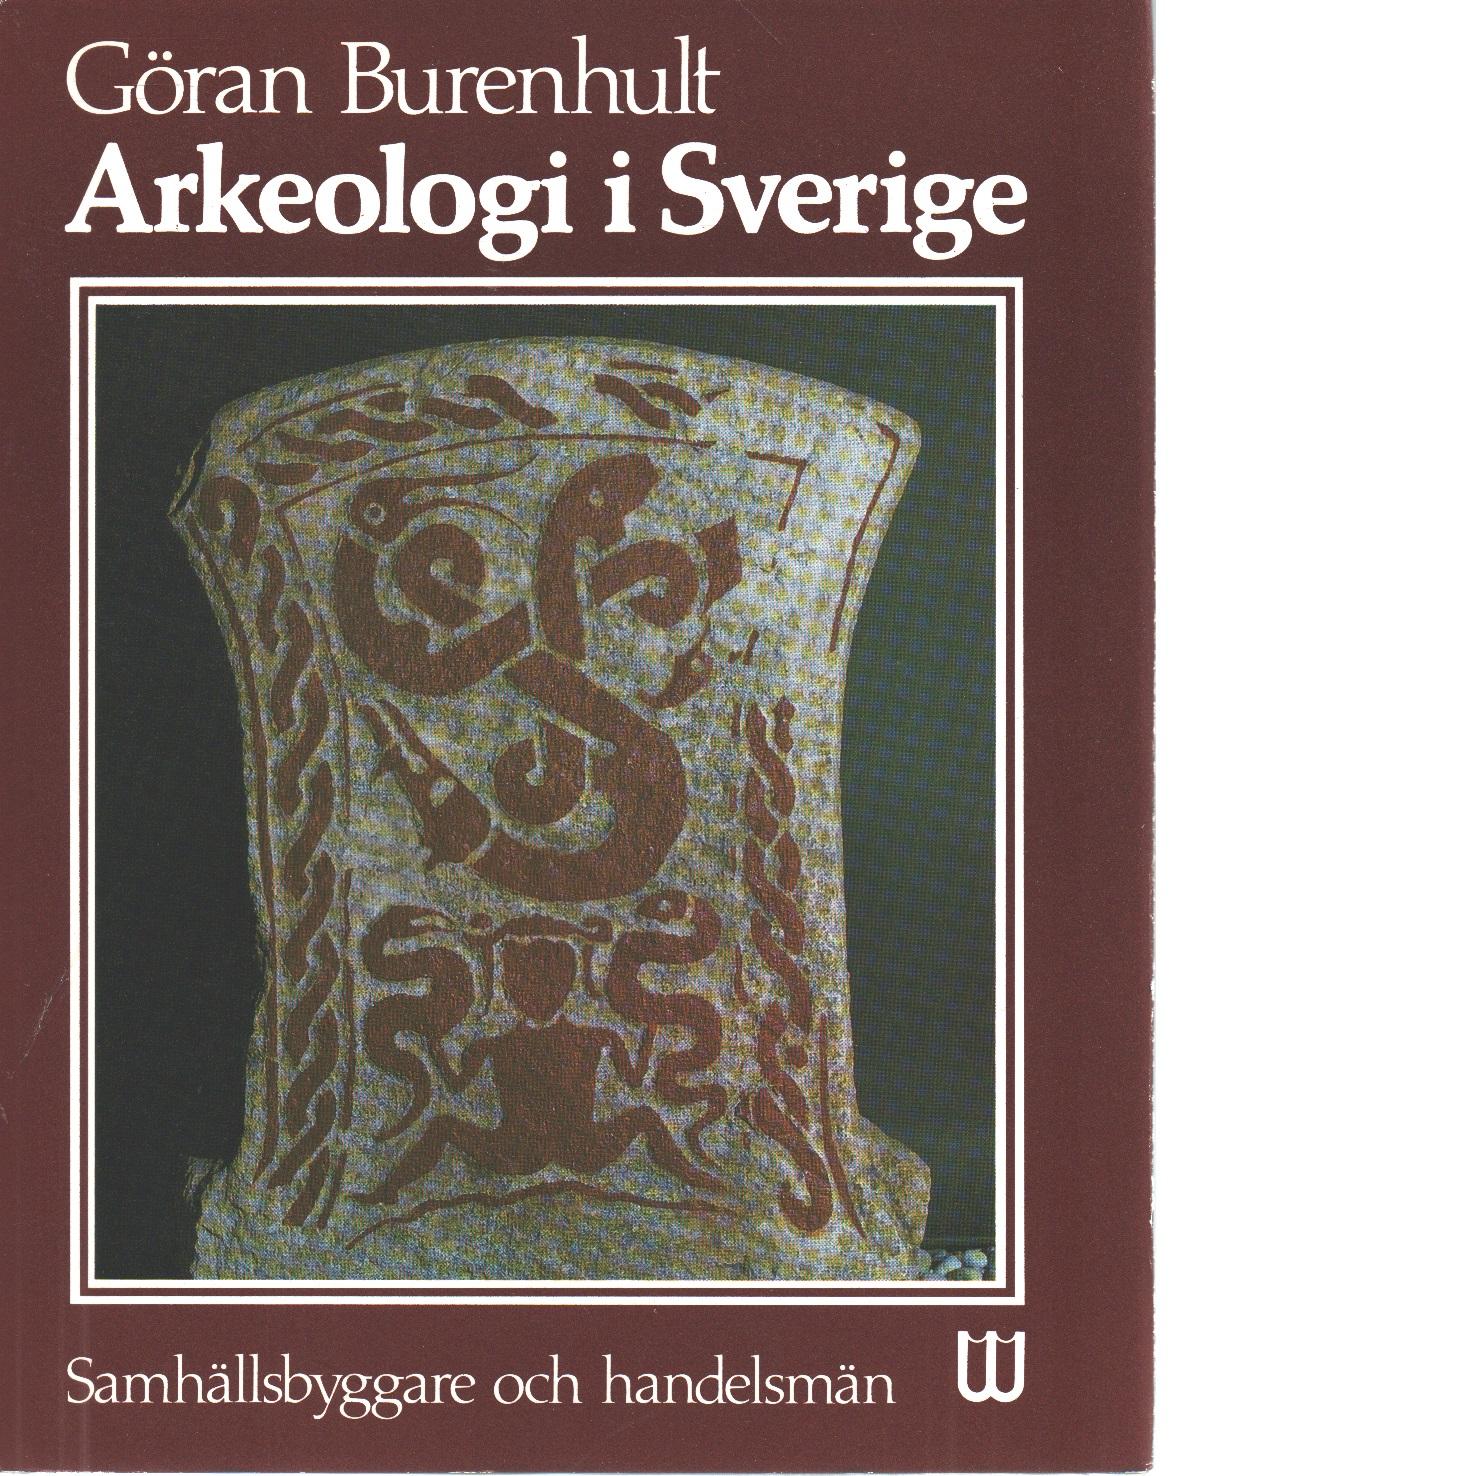 Arkeologi i Sverige 3 Samhällsbyggare och handelsmän - Burenhult, Göran